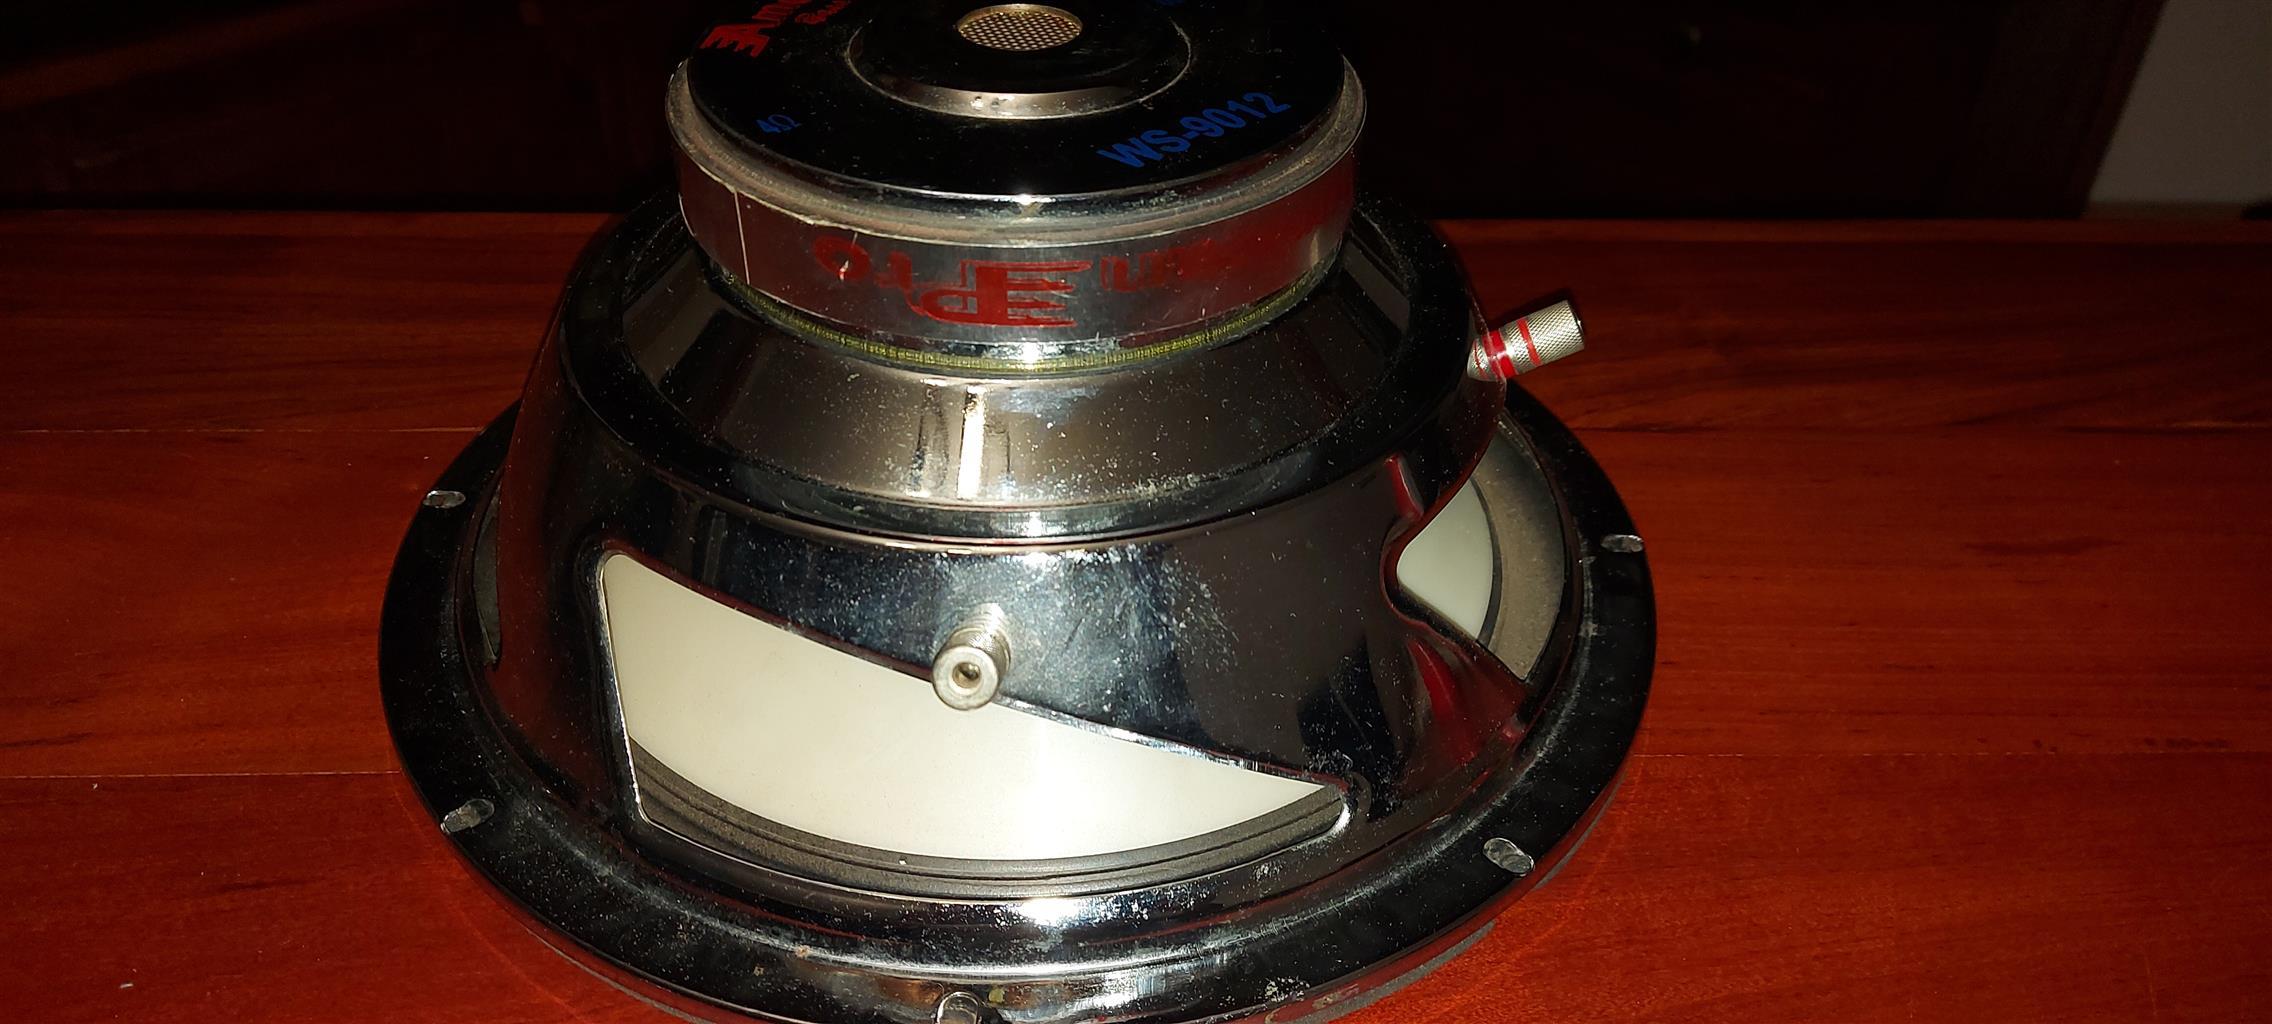 American Pro 600 Watt Subwoofer